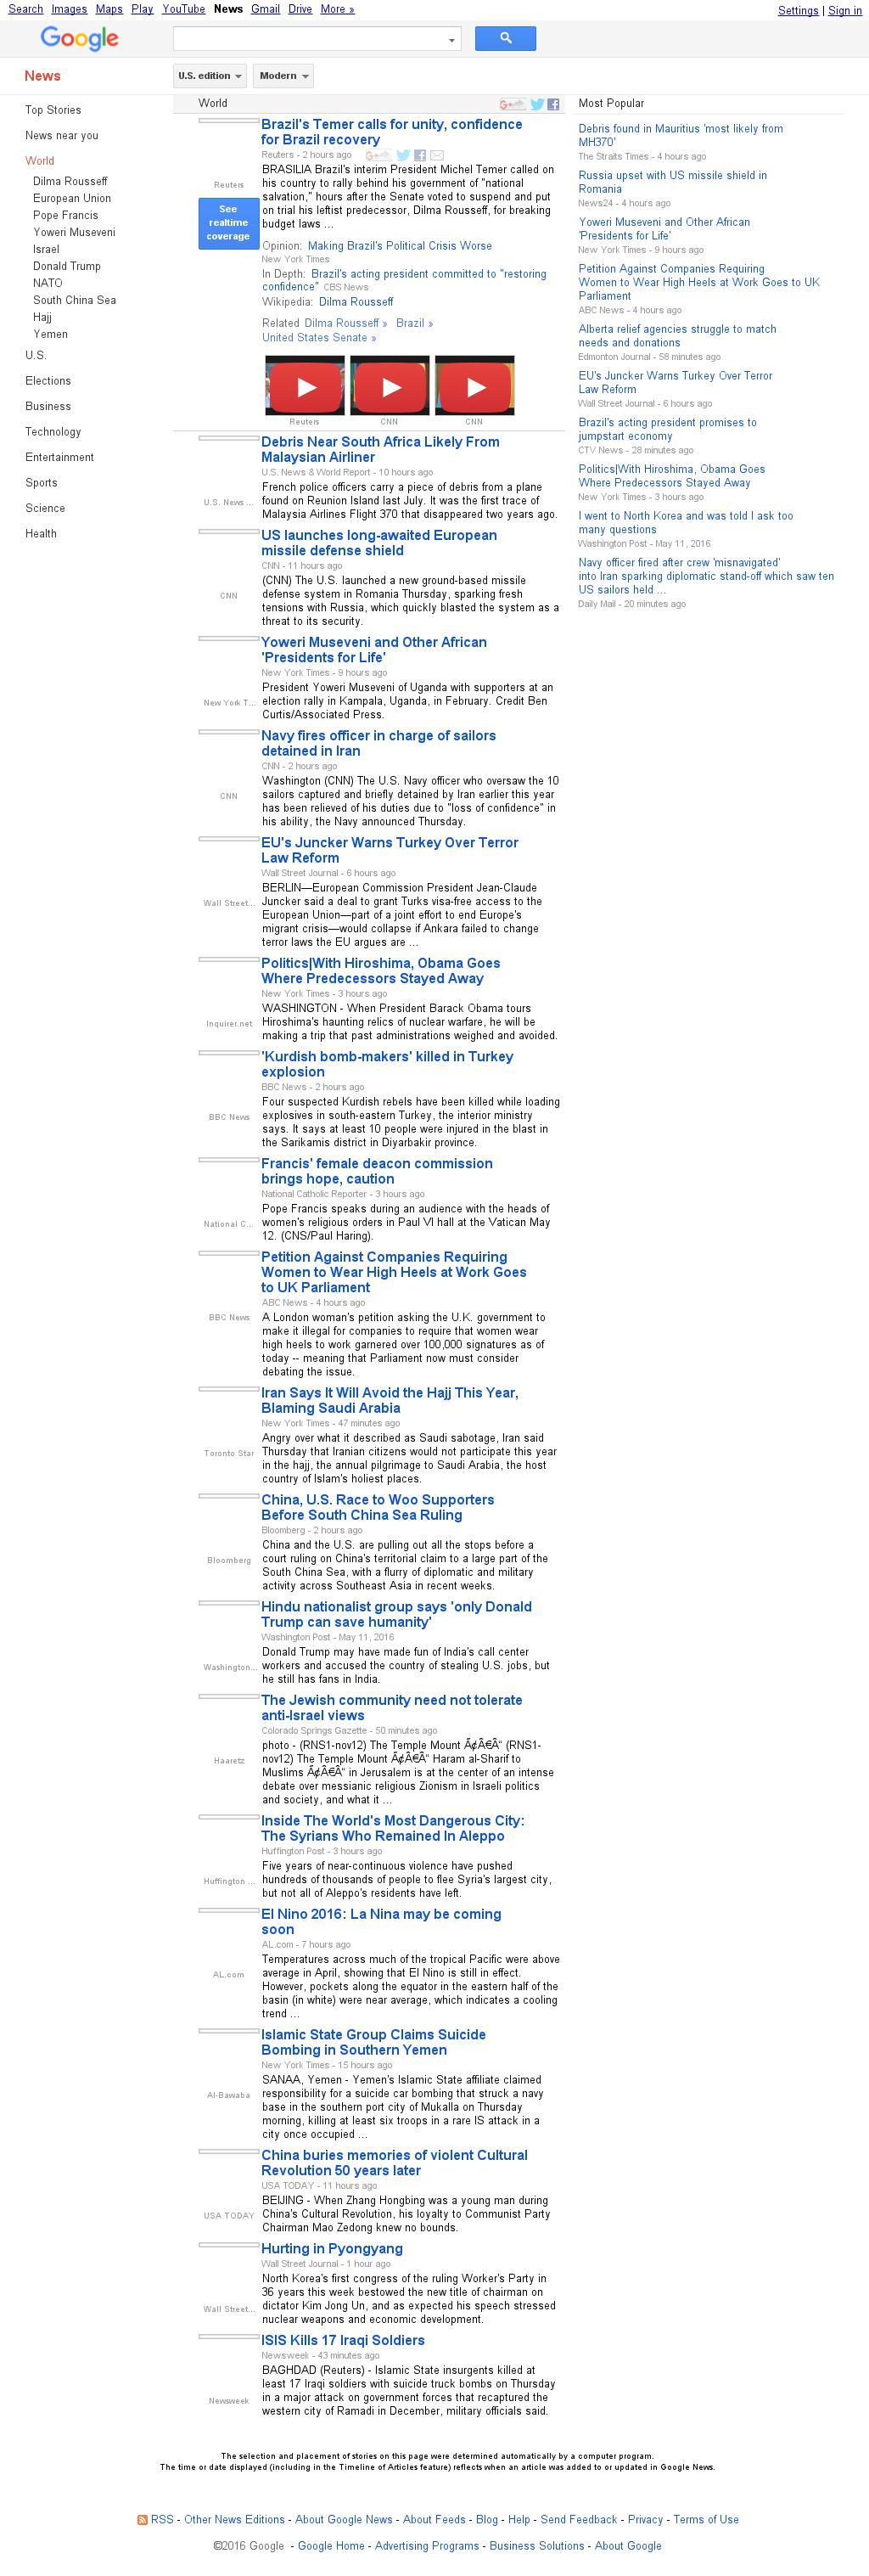 Google News: World at Friday May 13, 2016, 1:08 a.m. UTC